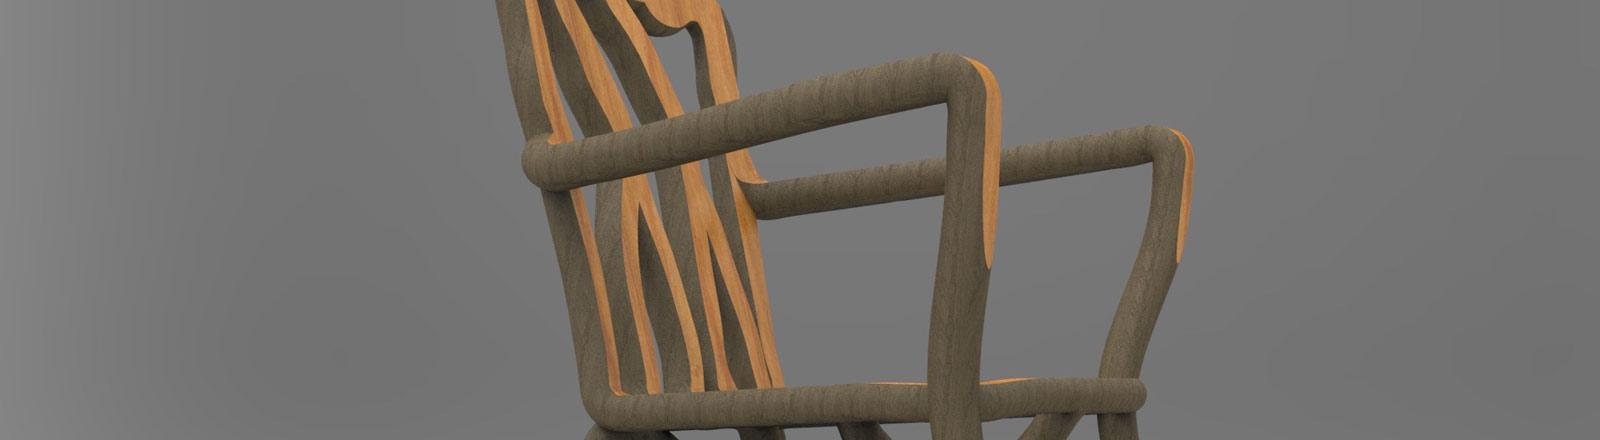 Ein selbst gewachsener Stuhl von Designer Gavin Munro